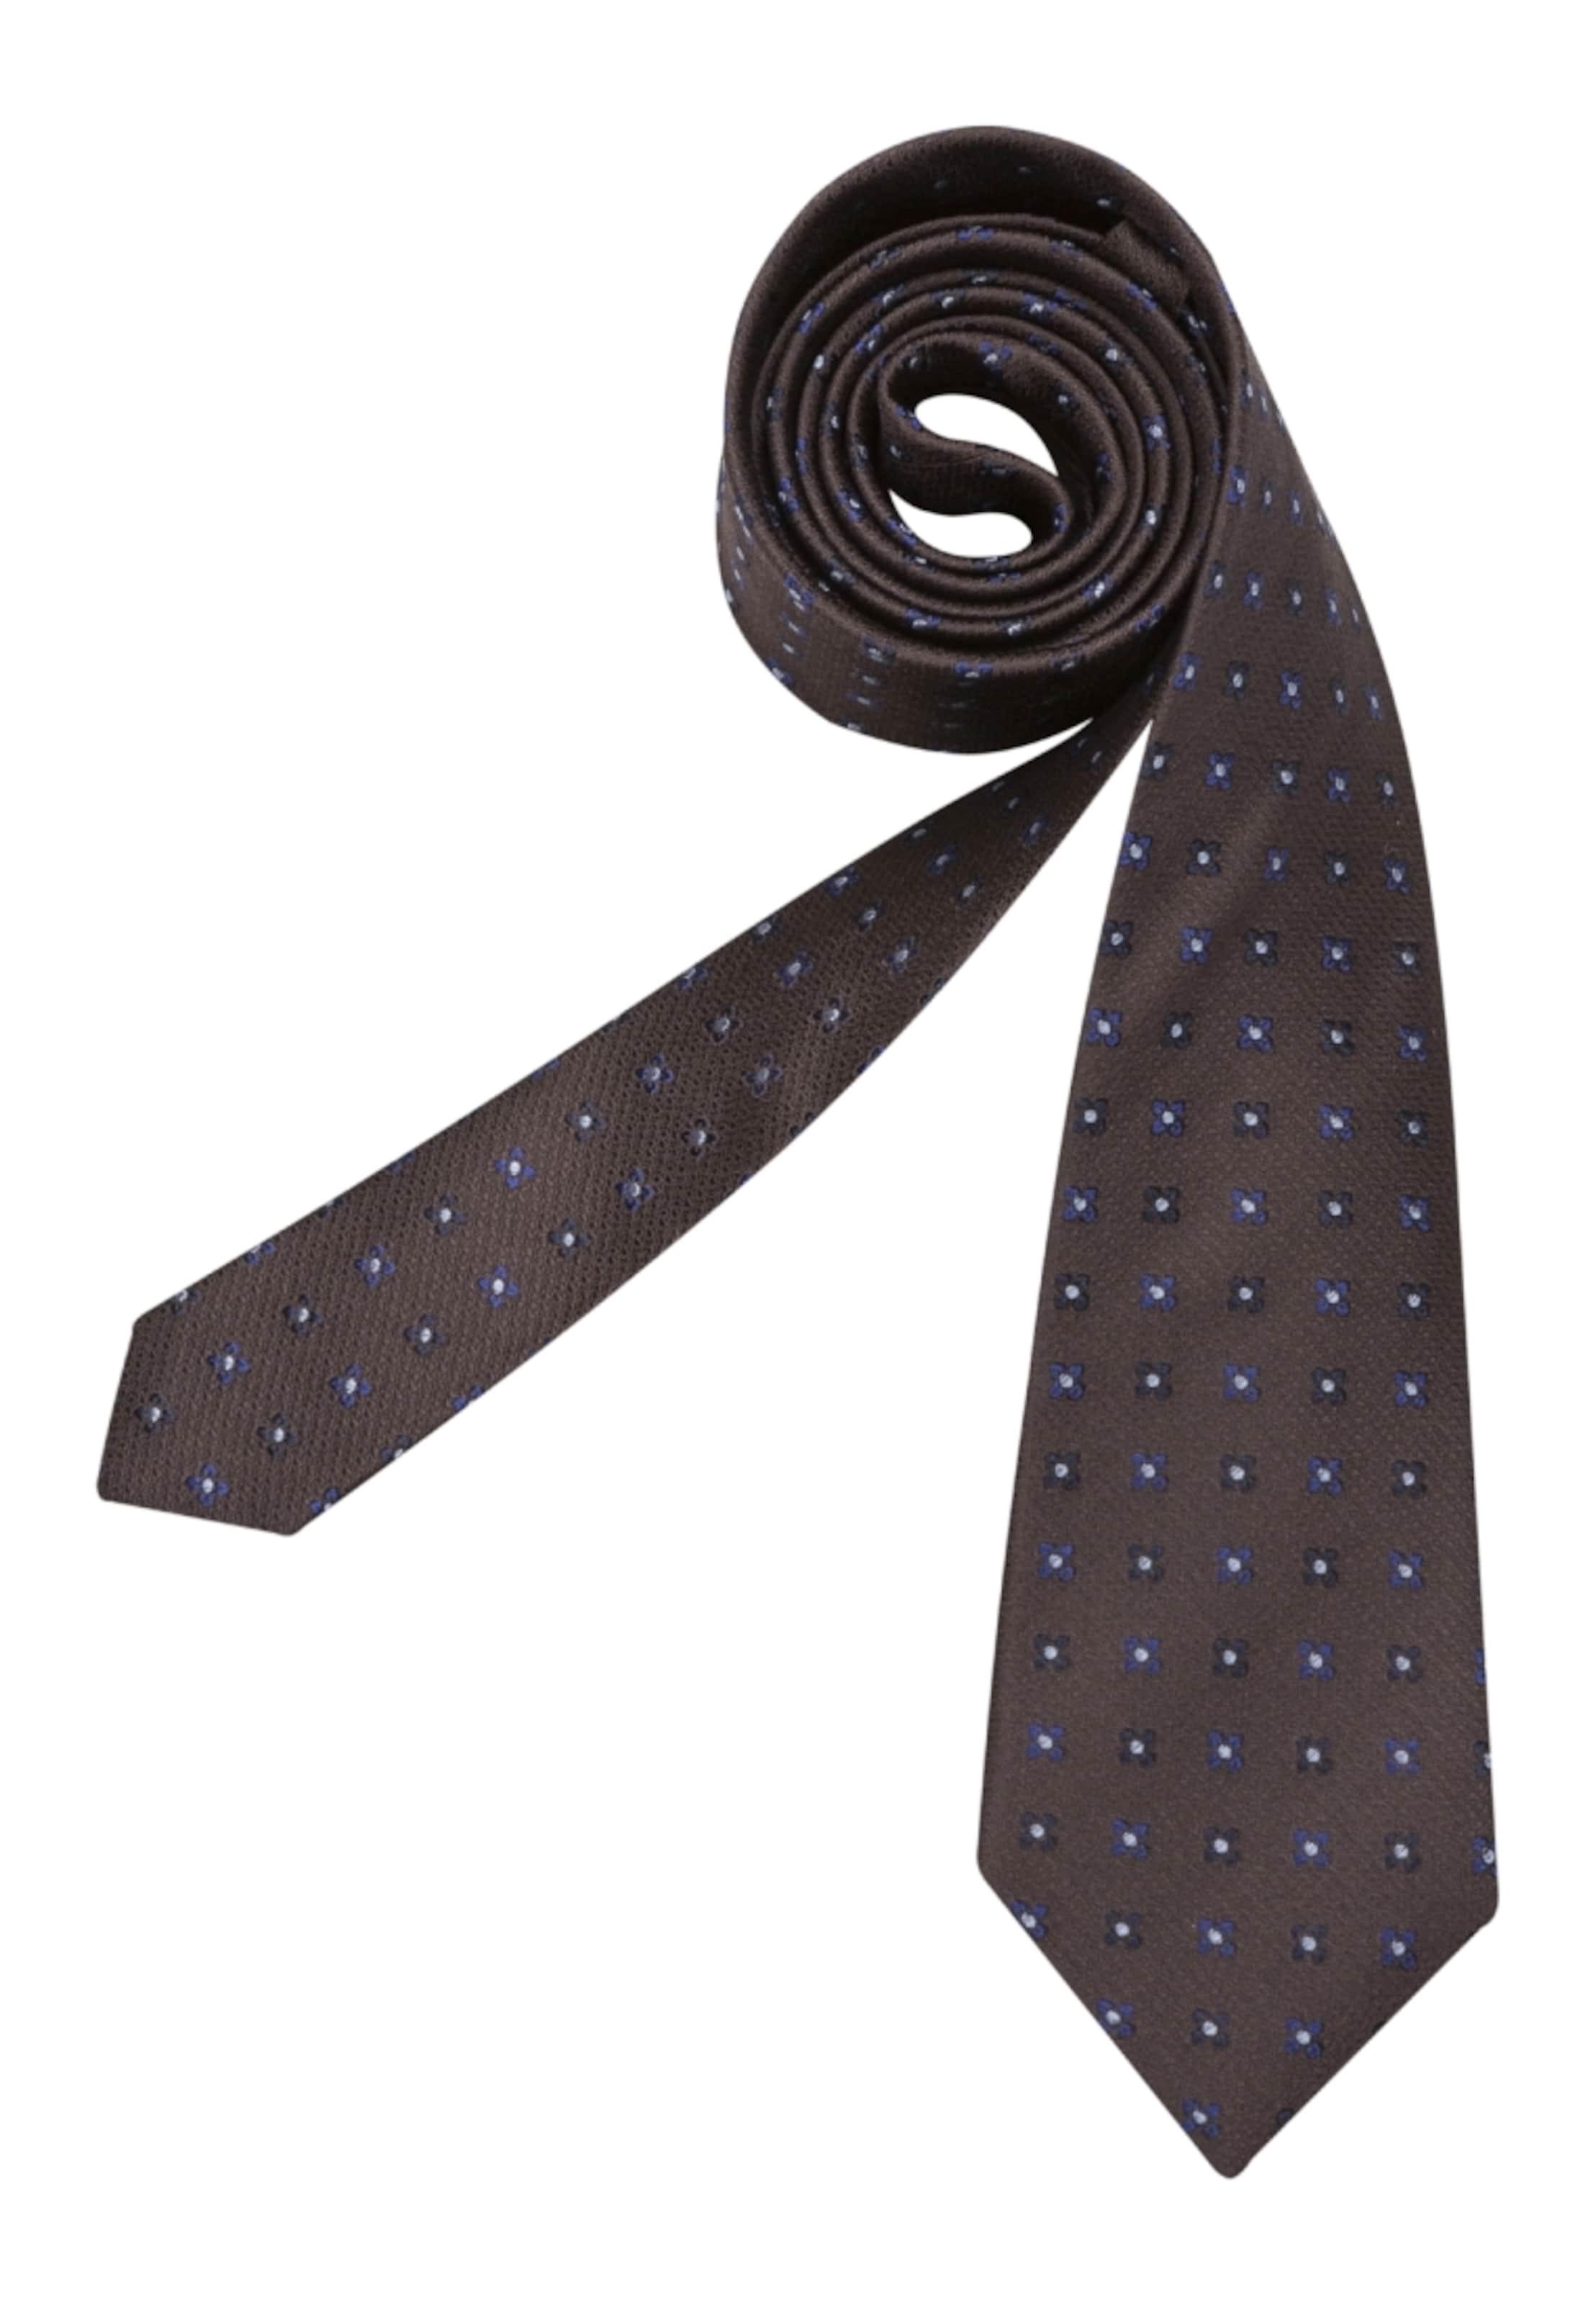 Spielraum Echt SEIDENSTICKER Krawatte 'Schwarze Rose' Aus Deutschland Günstig Online Original Auslass Verkauf Online RqPgk2Cwr